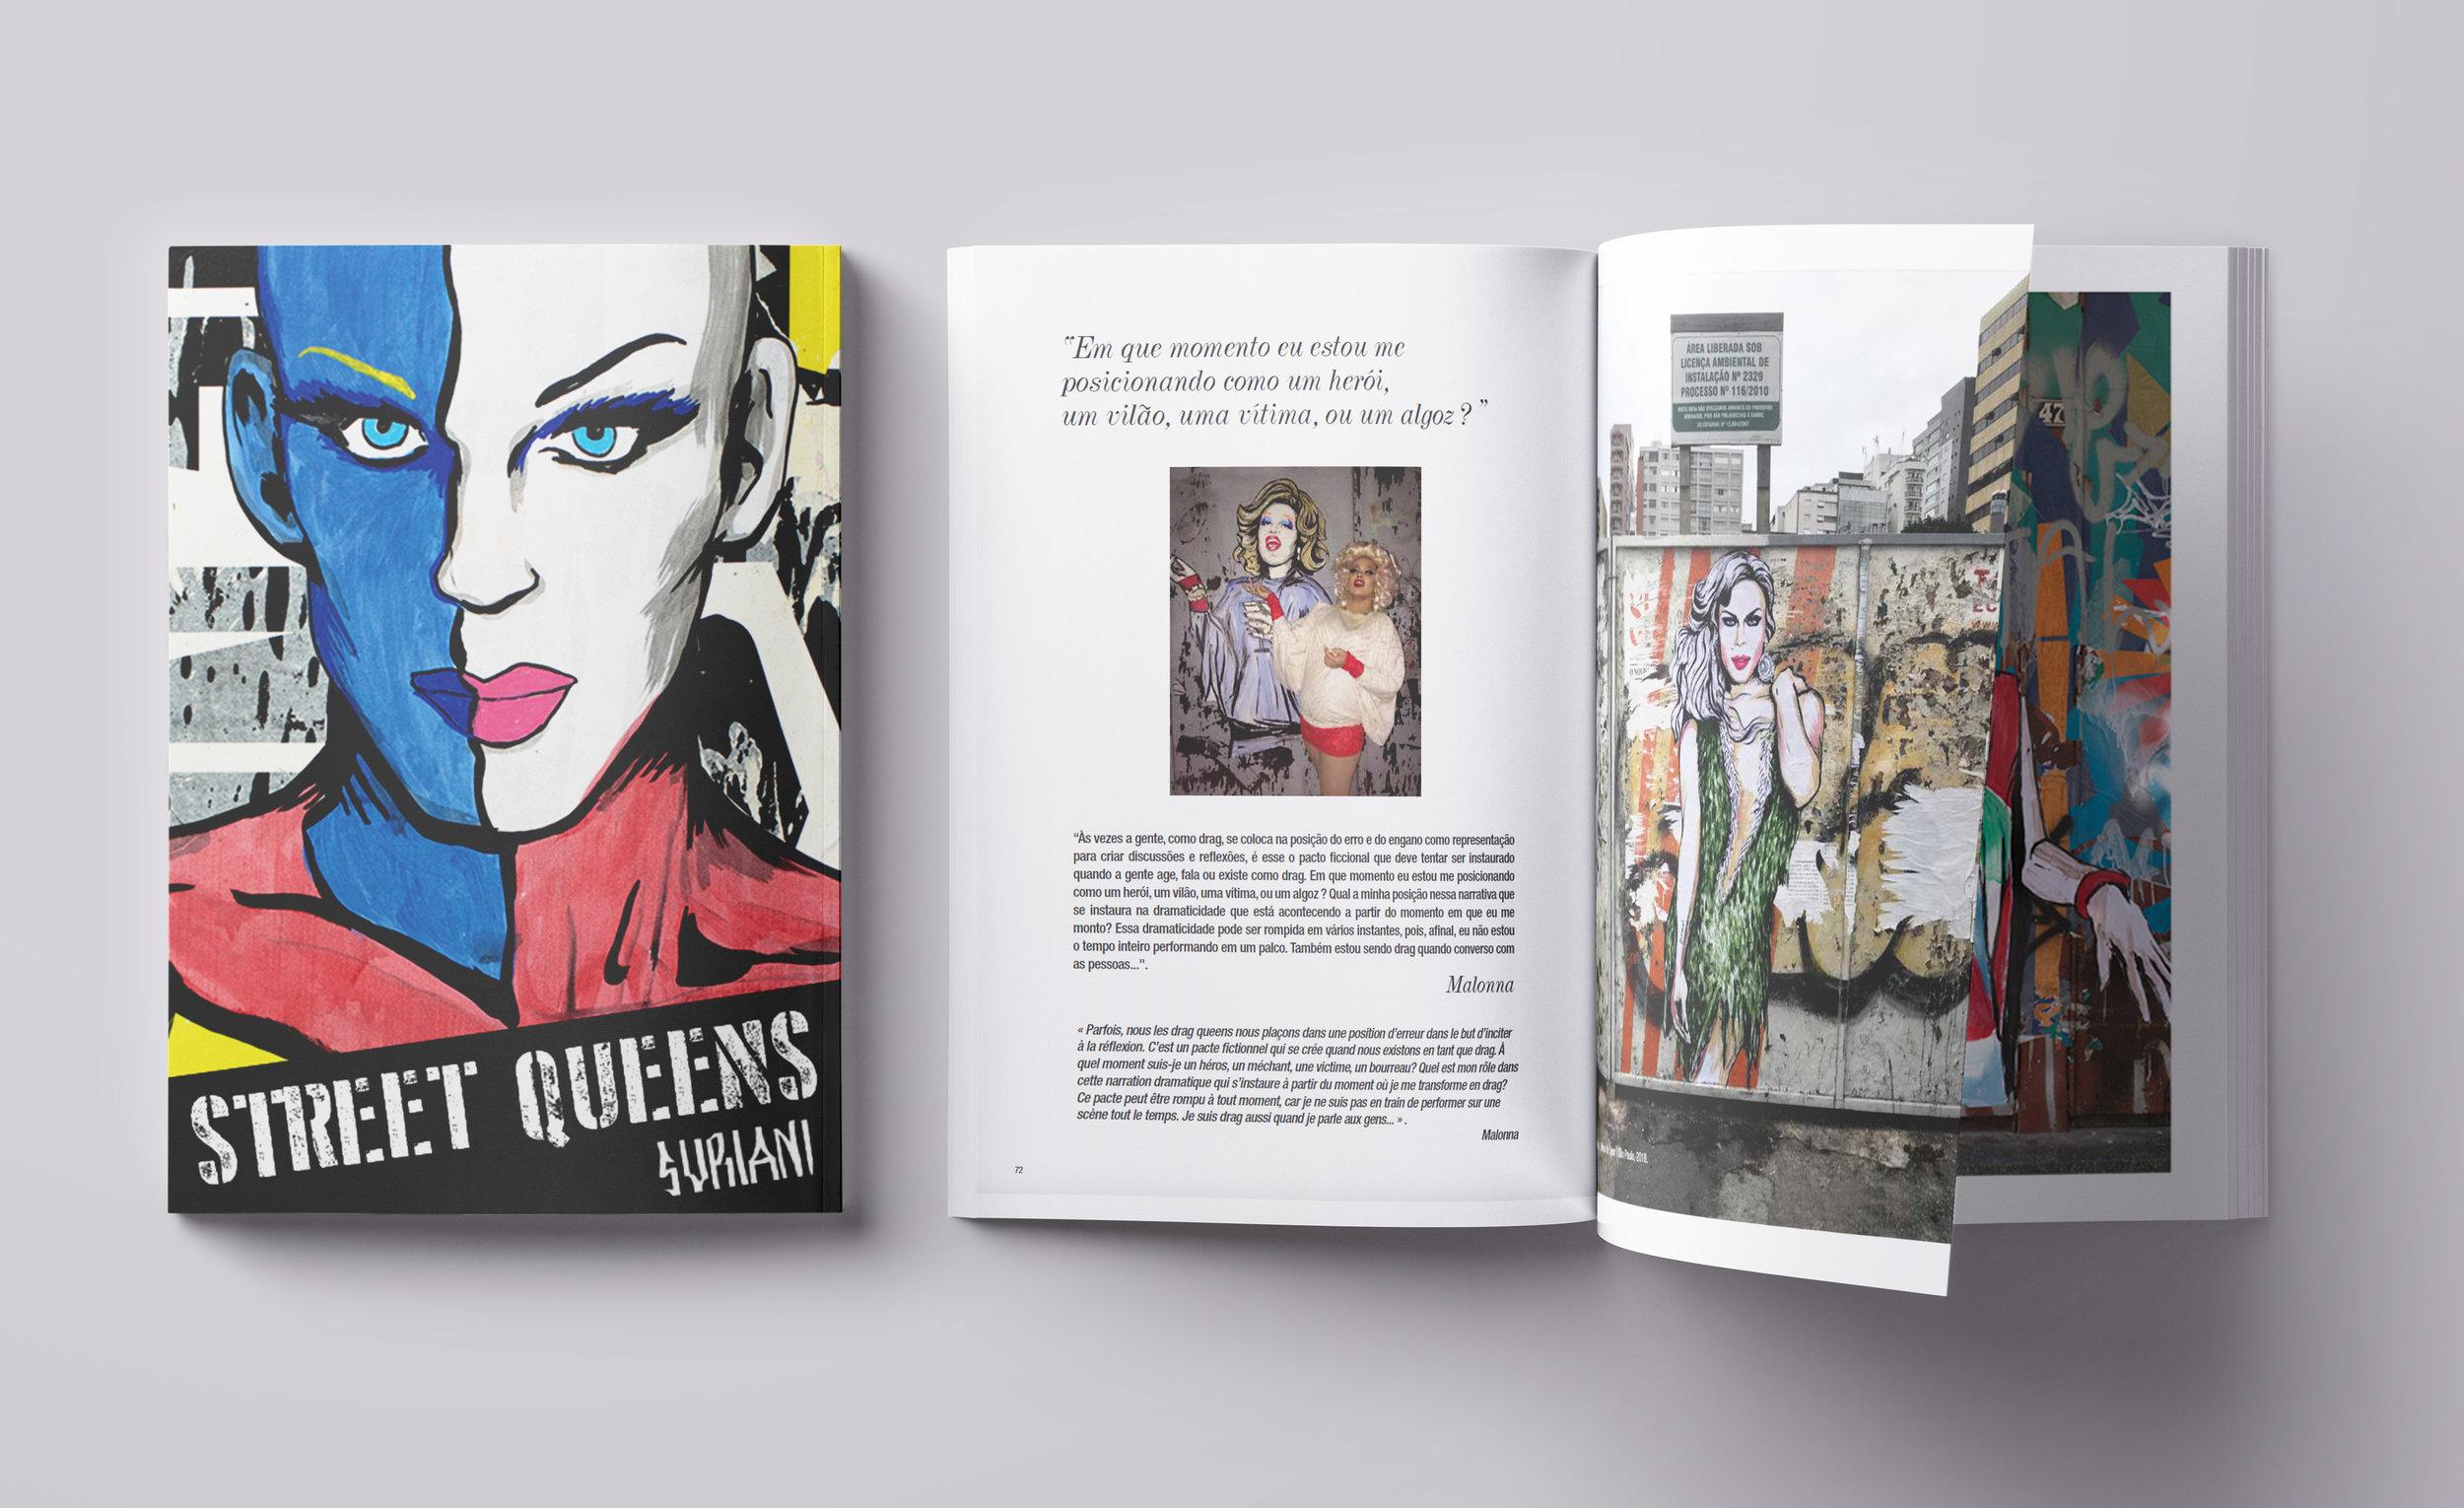 Street Queens - O Livro - Mais de 150 retratos de drag queens brasileiras americanas e francesas nas ruas de São Paulo, Paris e Nova Iorque.Depoimentos de expoetes da cena drag paulistana abordam o universo drag!